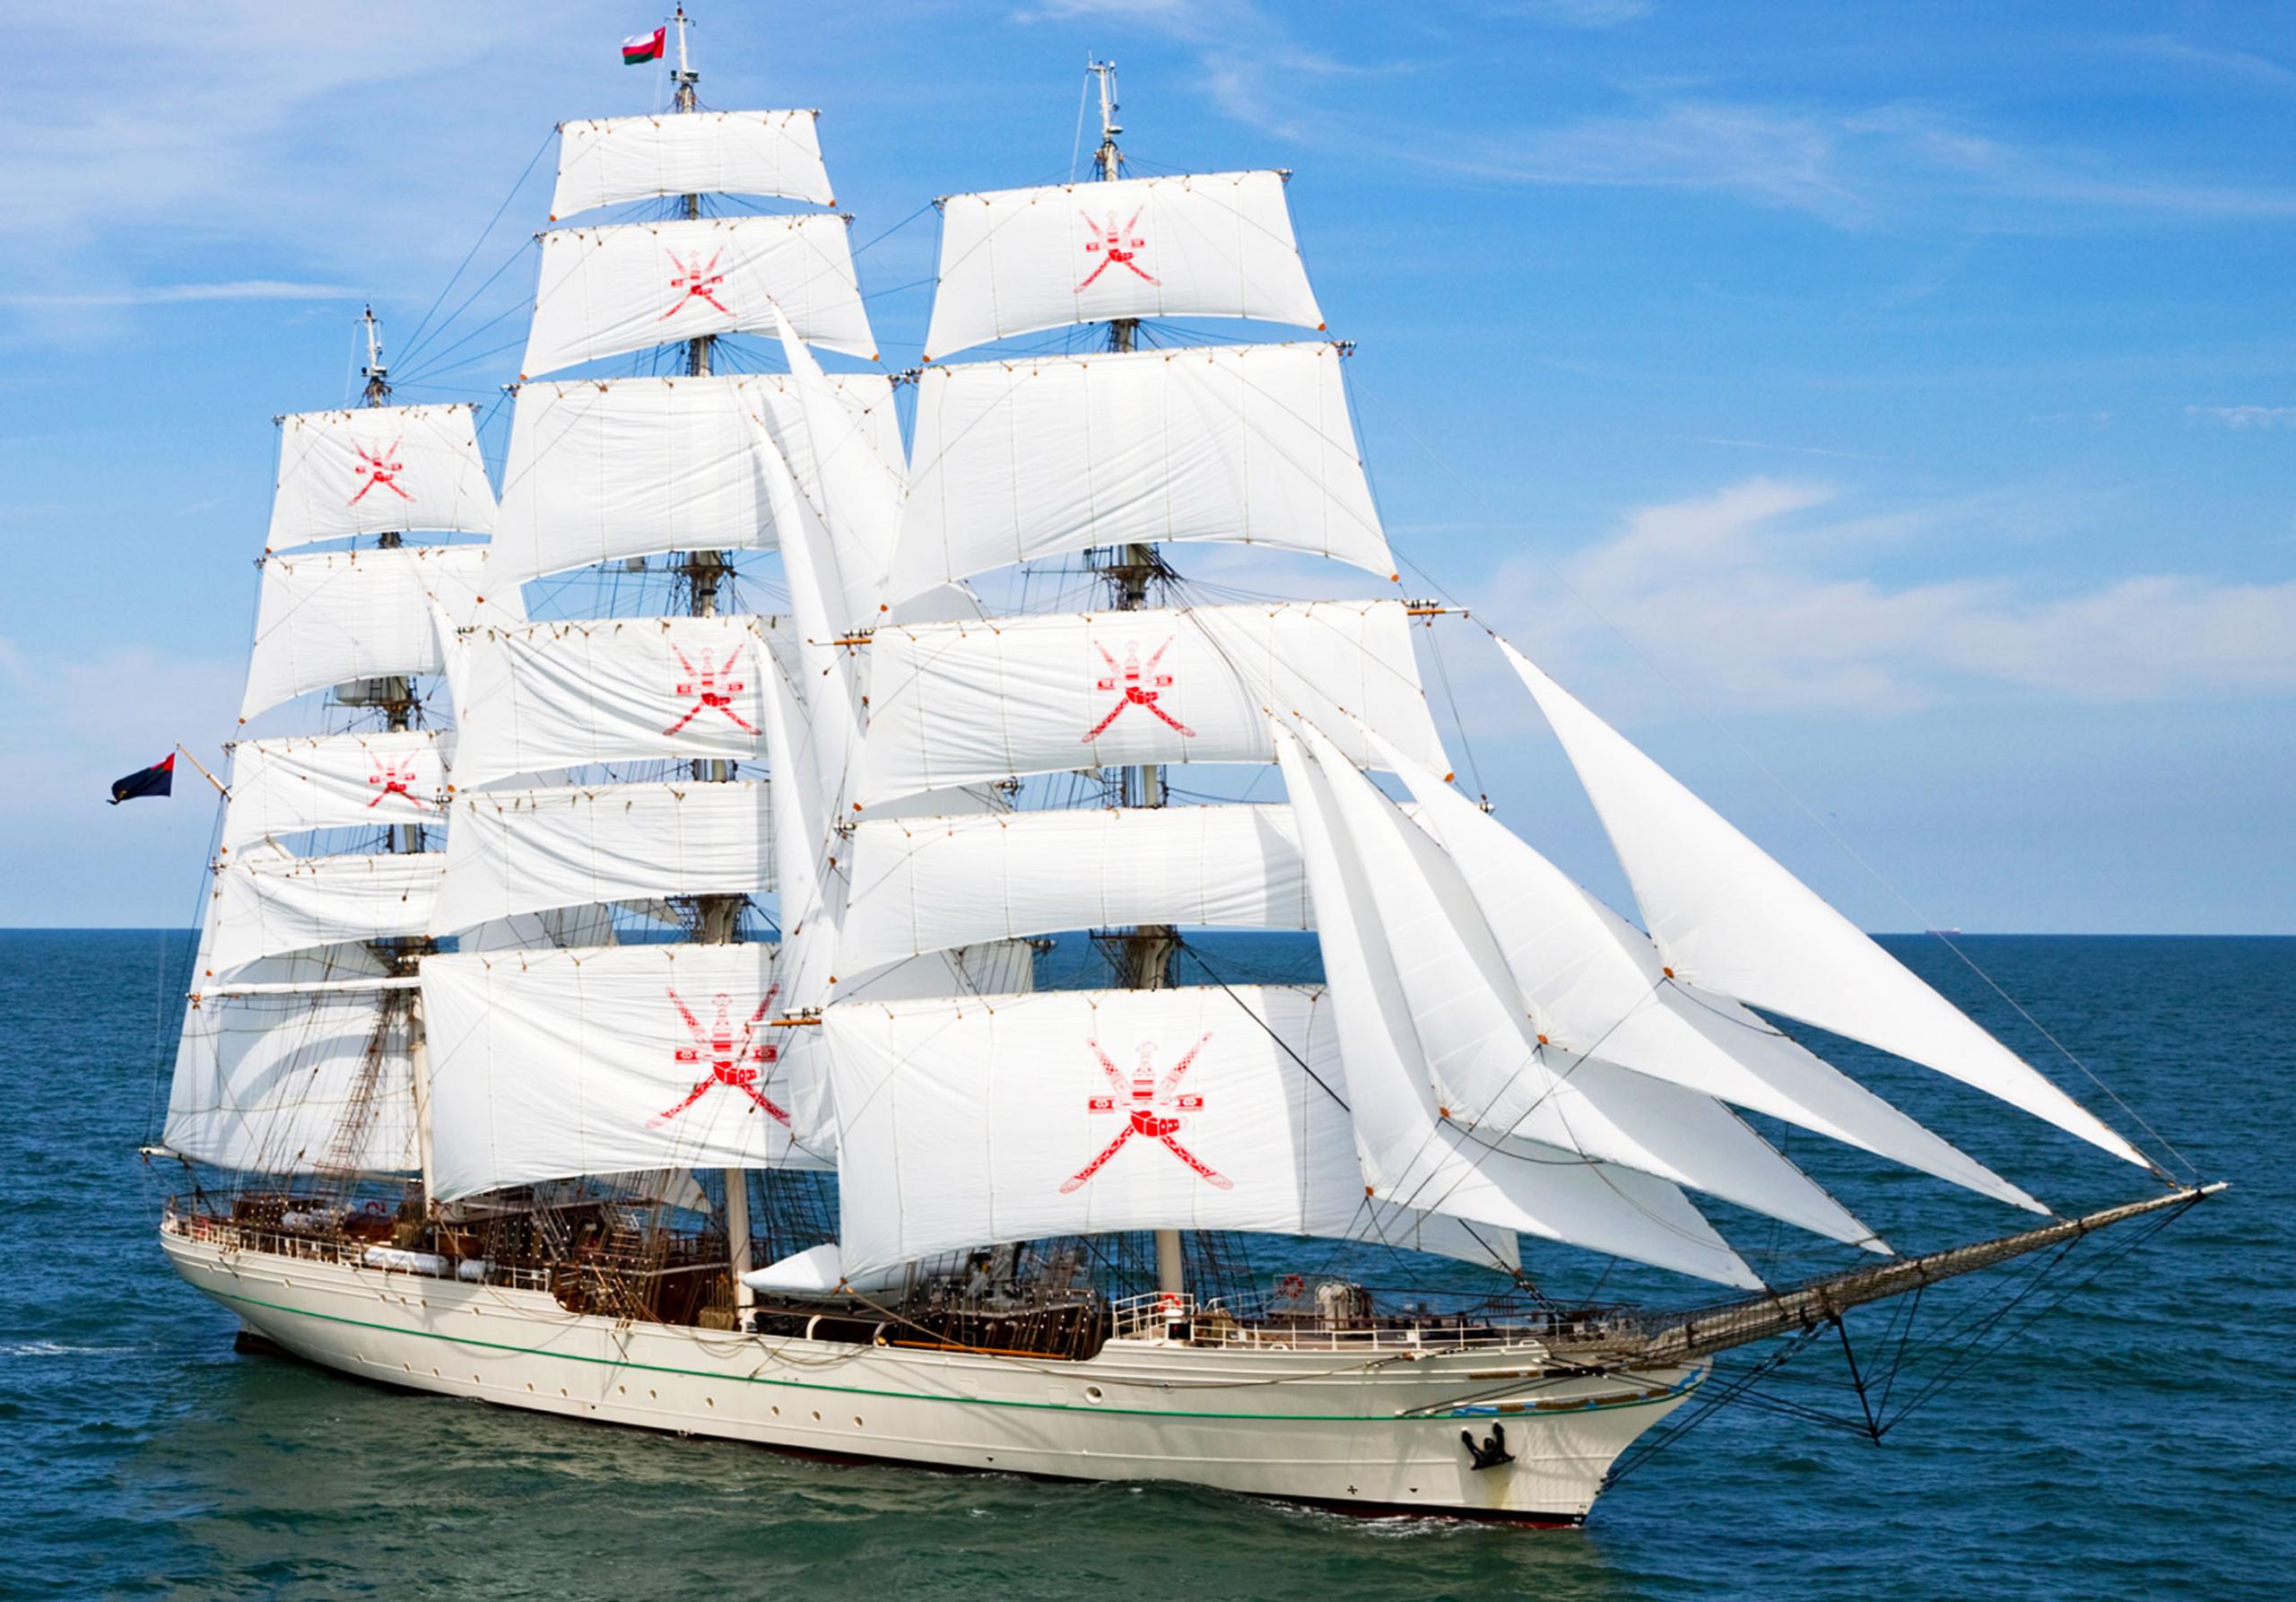 Jachtschilder Friesland-jacht-houten-boot-sloep-bootlak-jachtlak-classic-design-yacht-painter